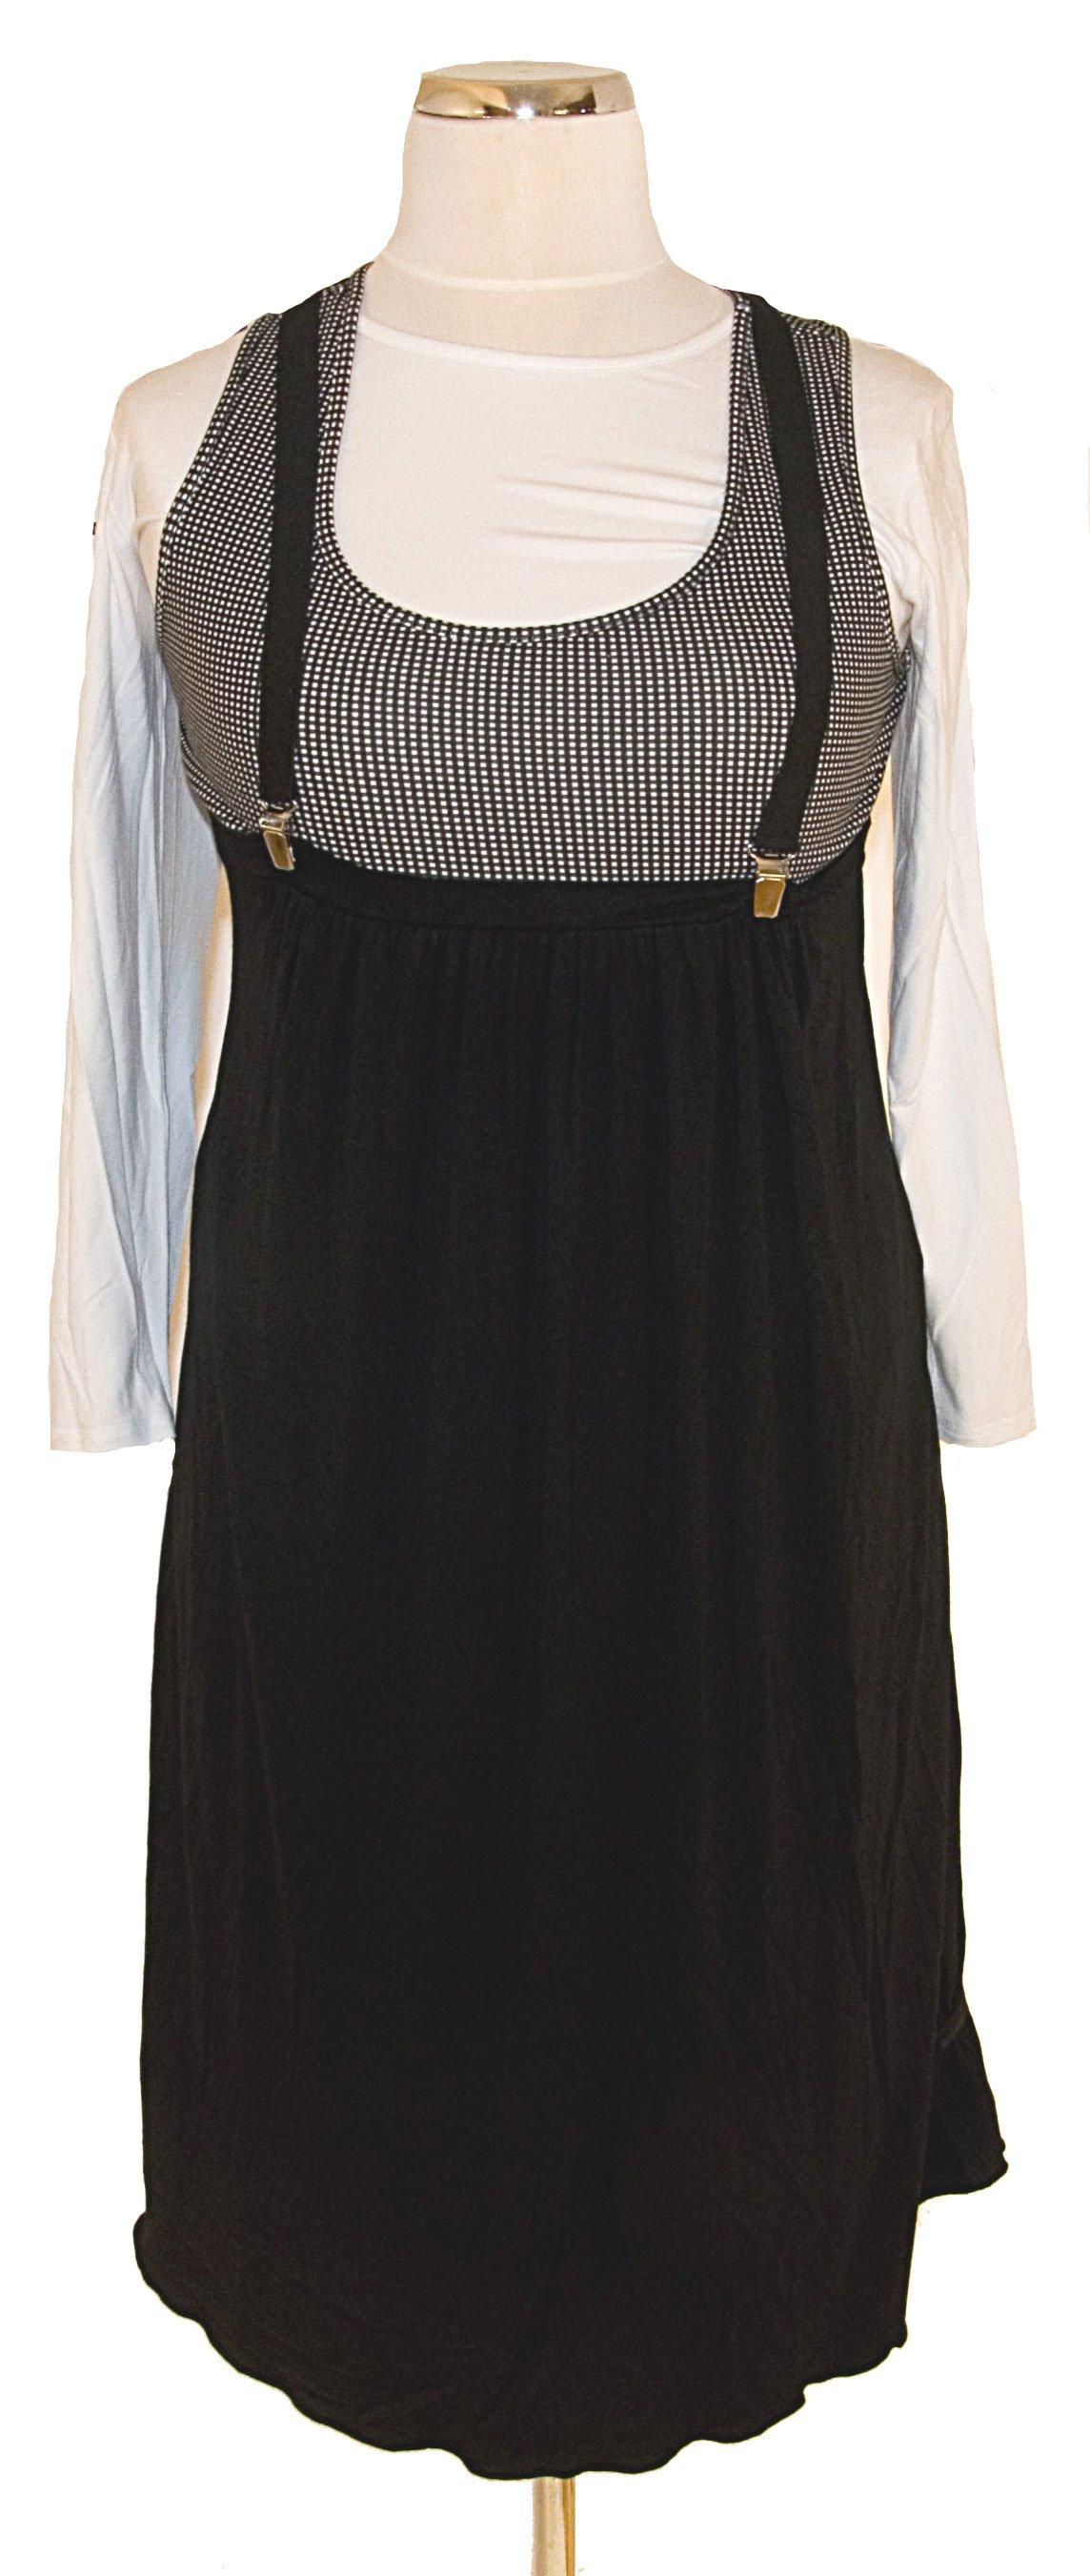 Tìhu šaty Roxy L - VÝPRODEJ